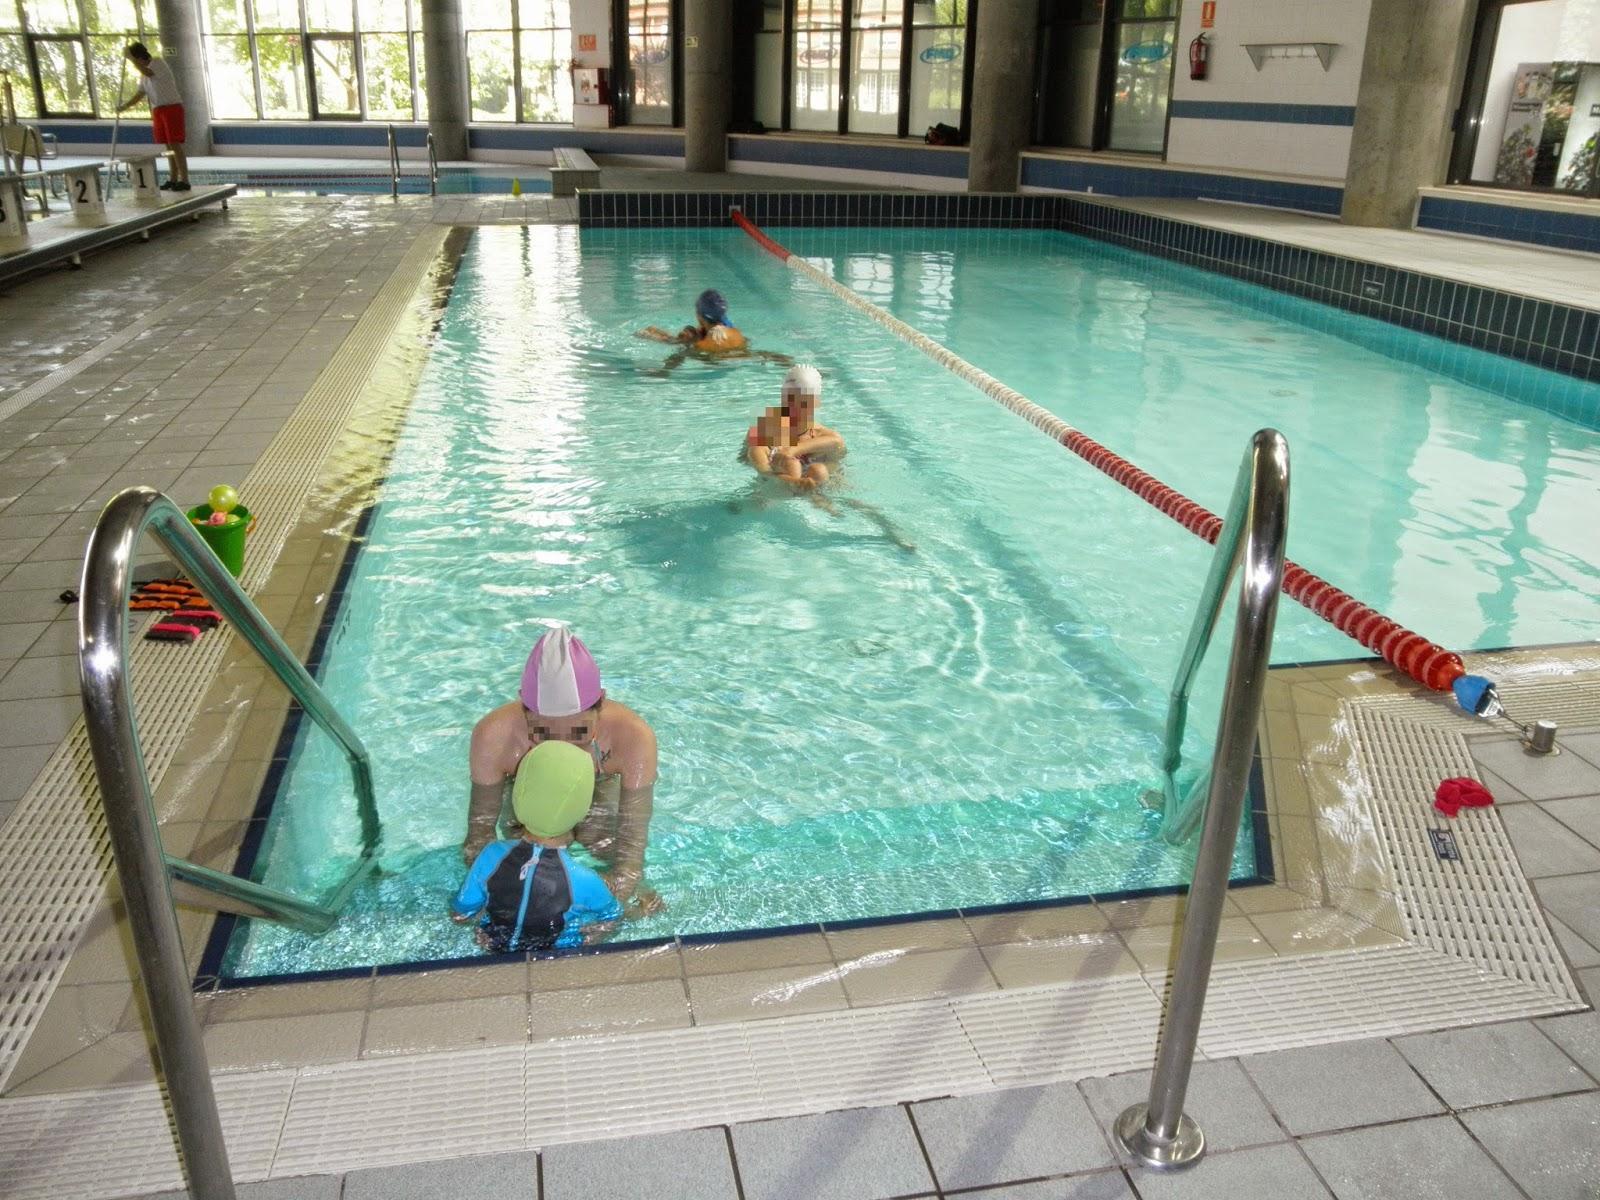 Colegio el pino piscina adaptada fisioterapia for Piscina parquesol